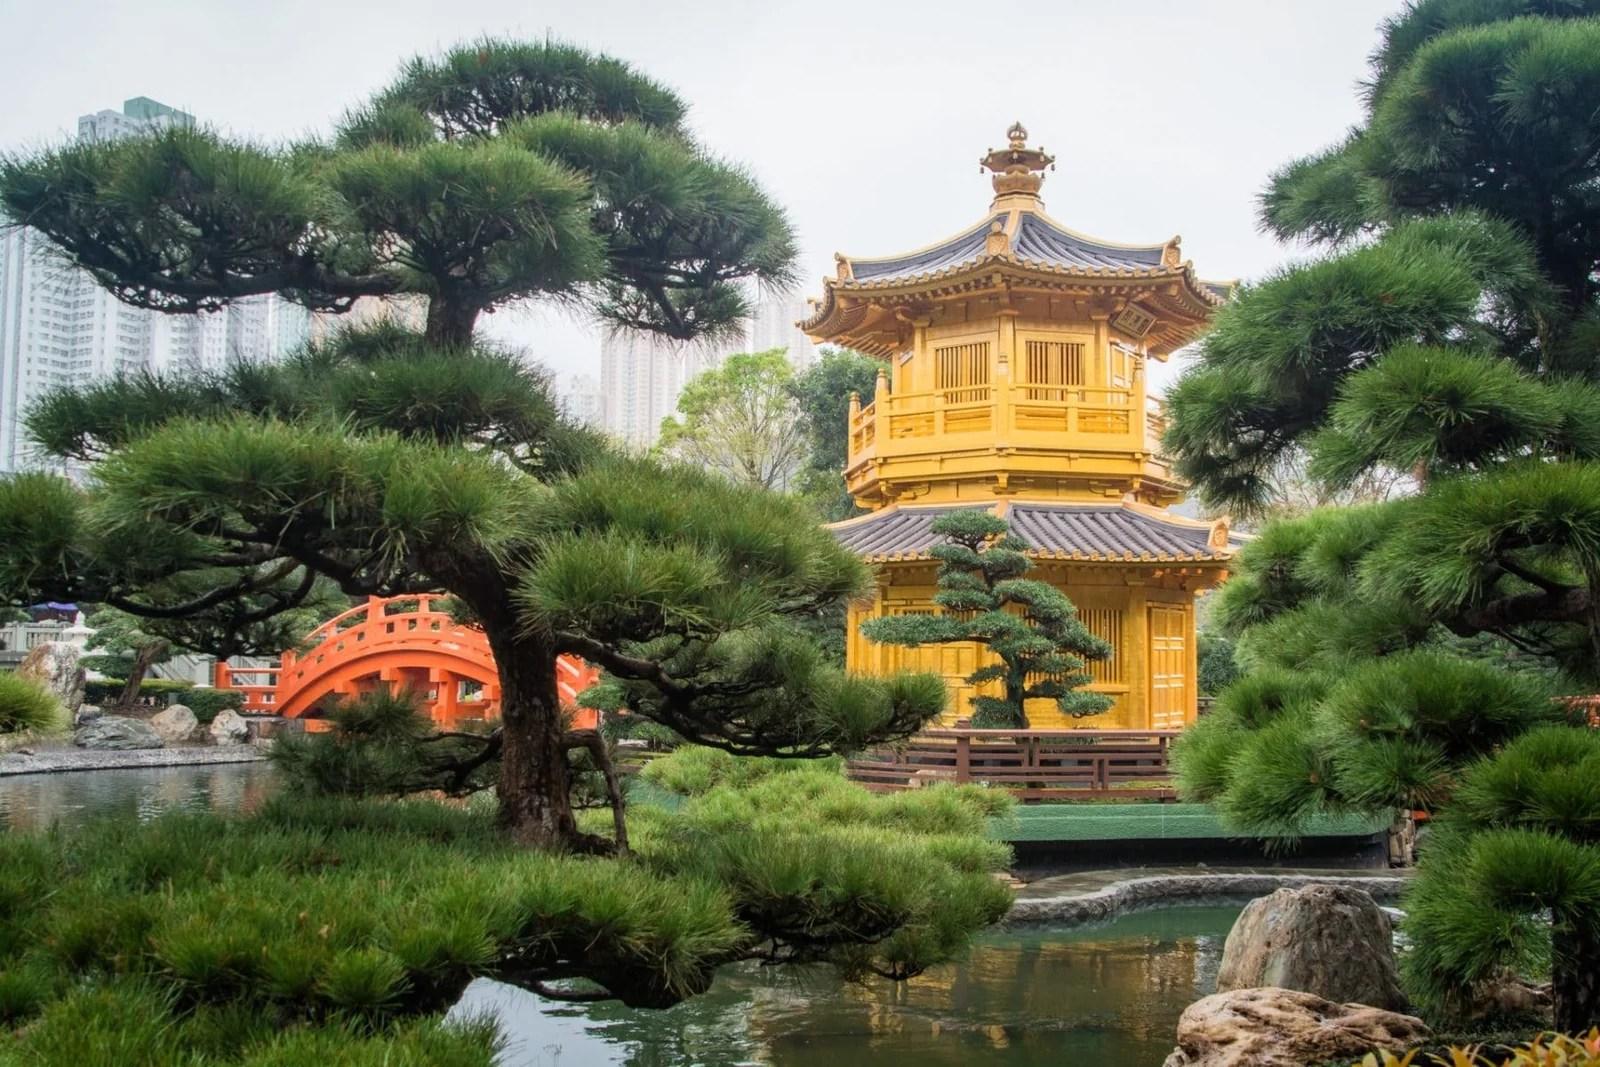 le pavillon doree - jardins nan lian - hong kong